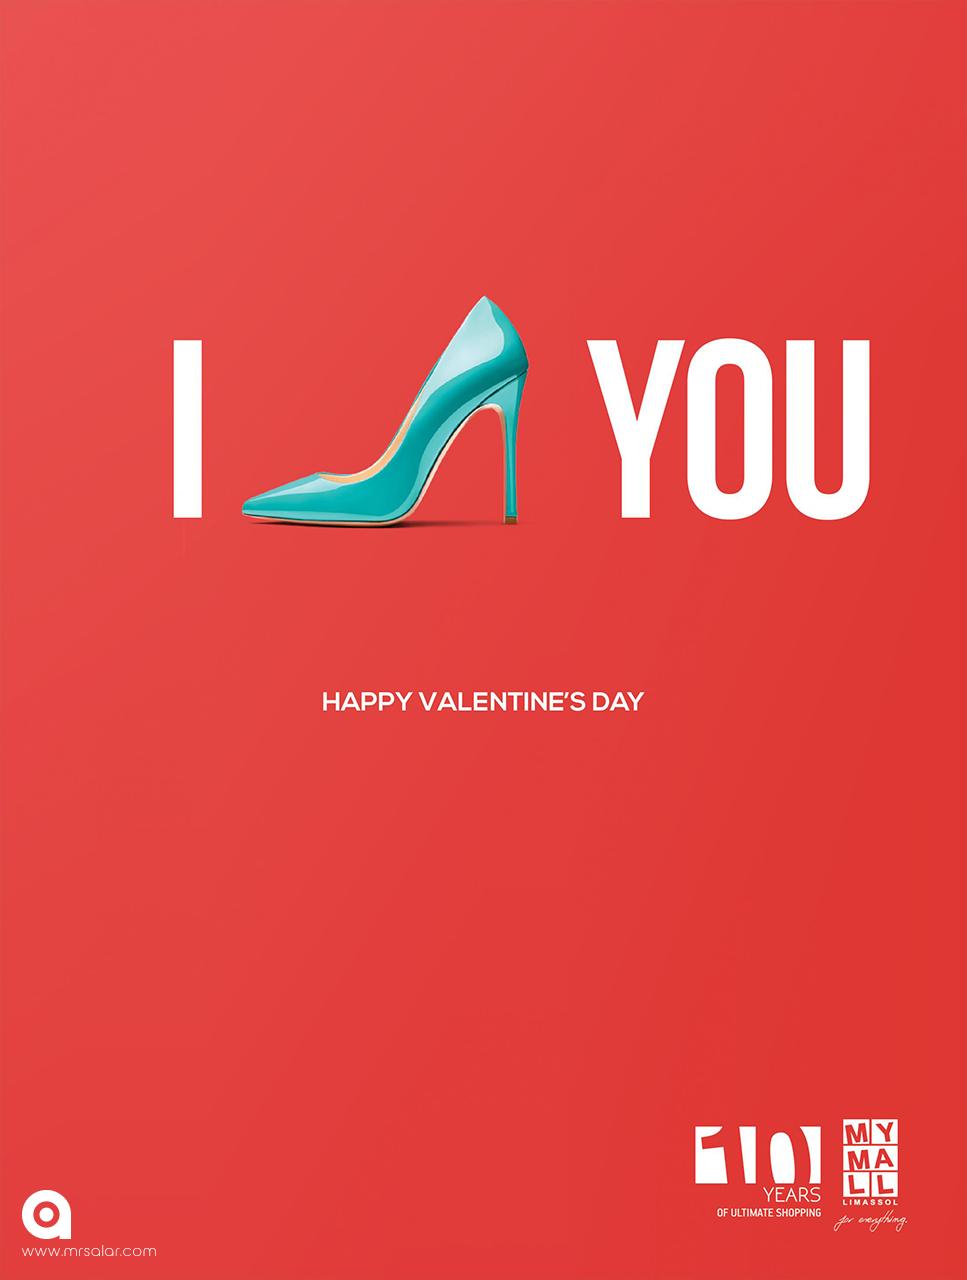 تصویر تبلیغاتی ولنتاین: دوستت دارم ۱